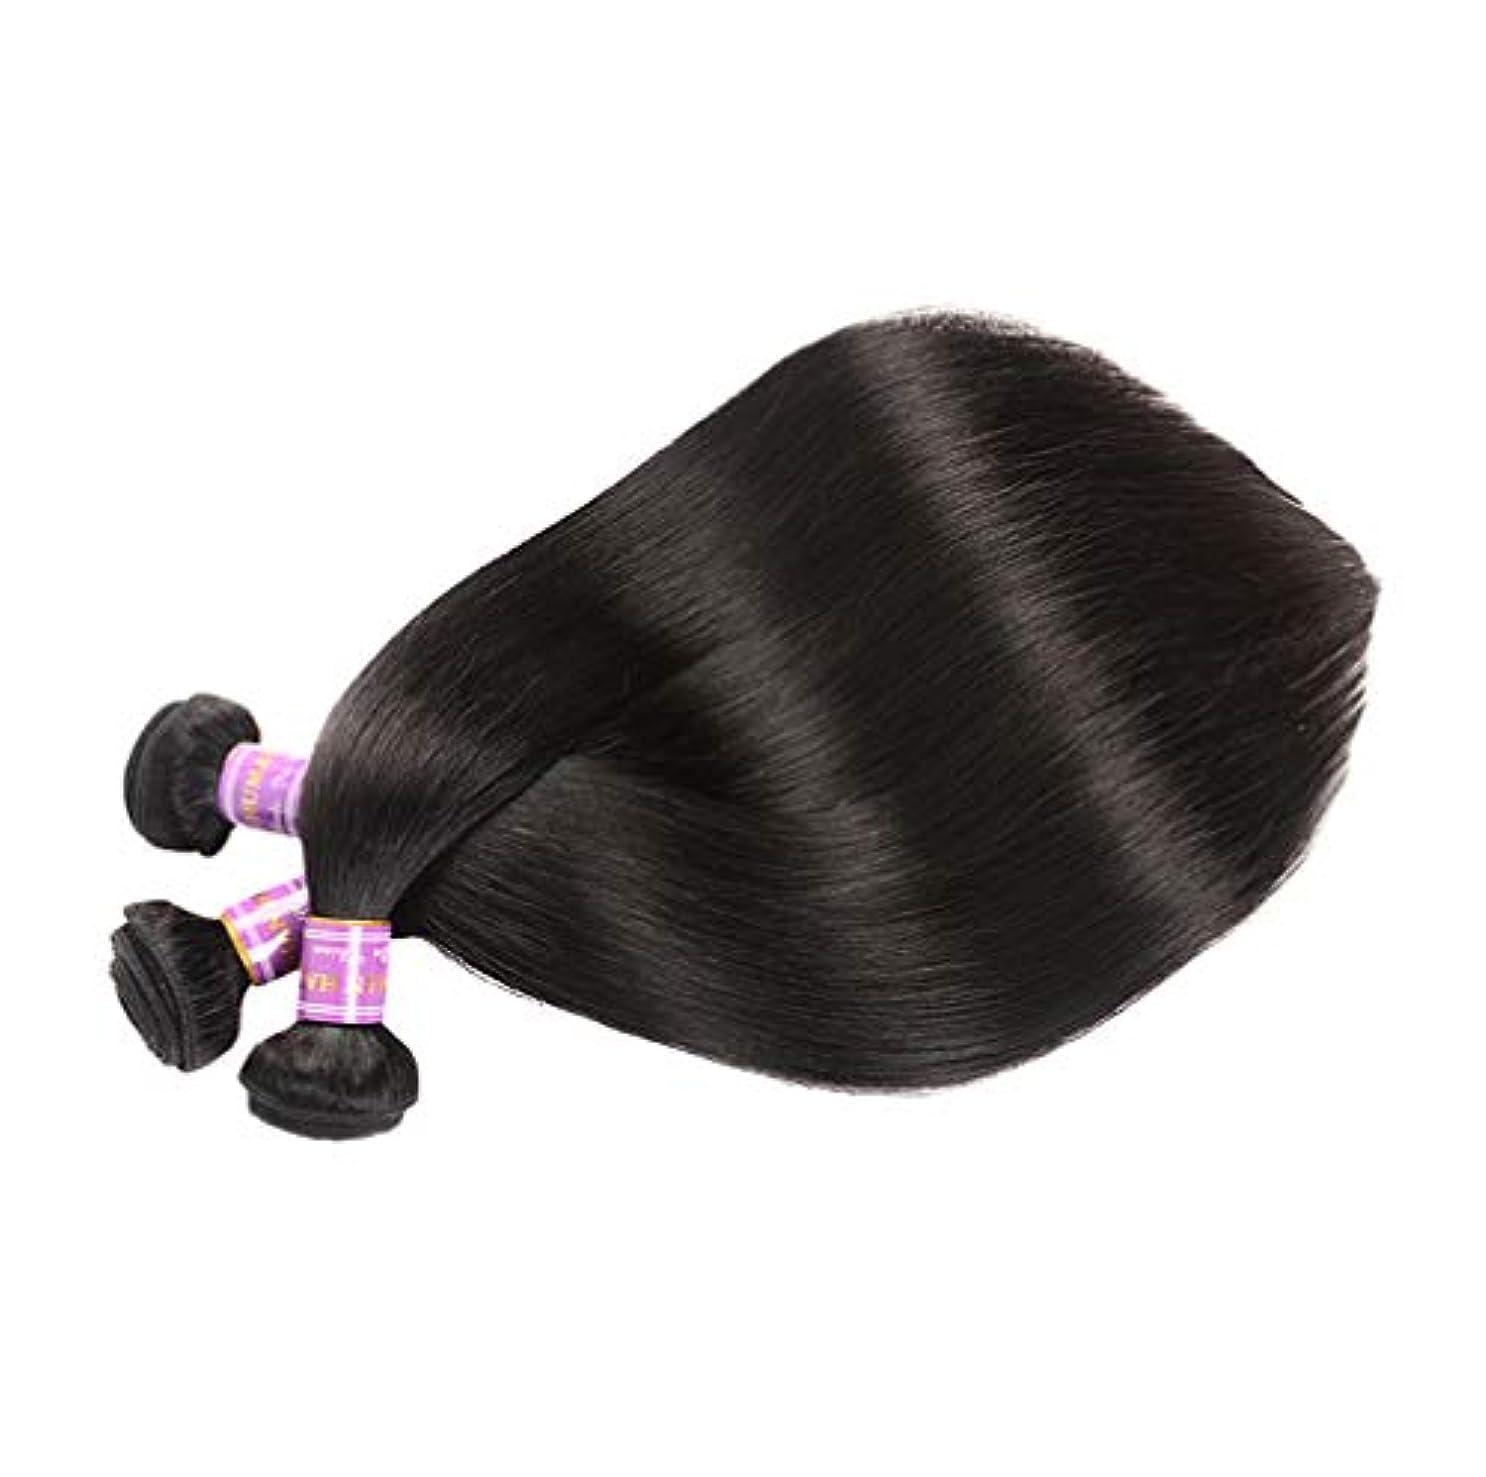 ローストナットシャッター3バンドル人間の髪織りバンドルグレード9Aブラジルバージン毛延長横糸レミーストレート人間の髪